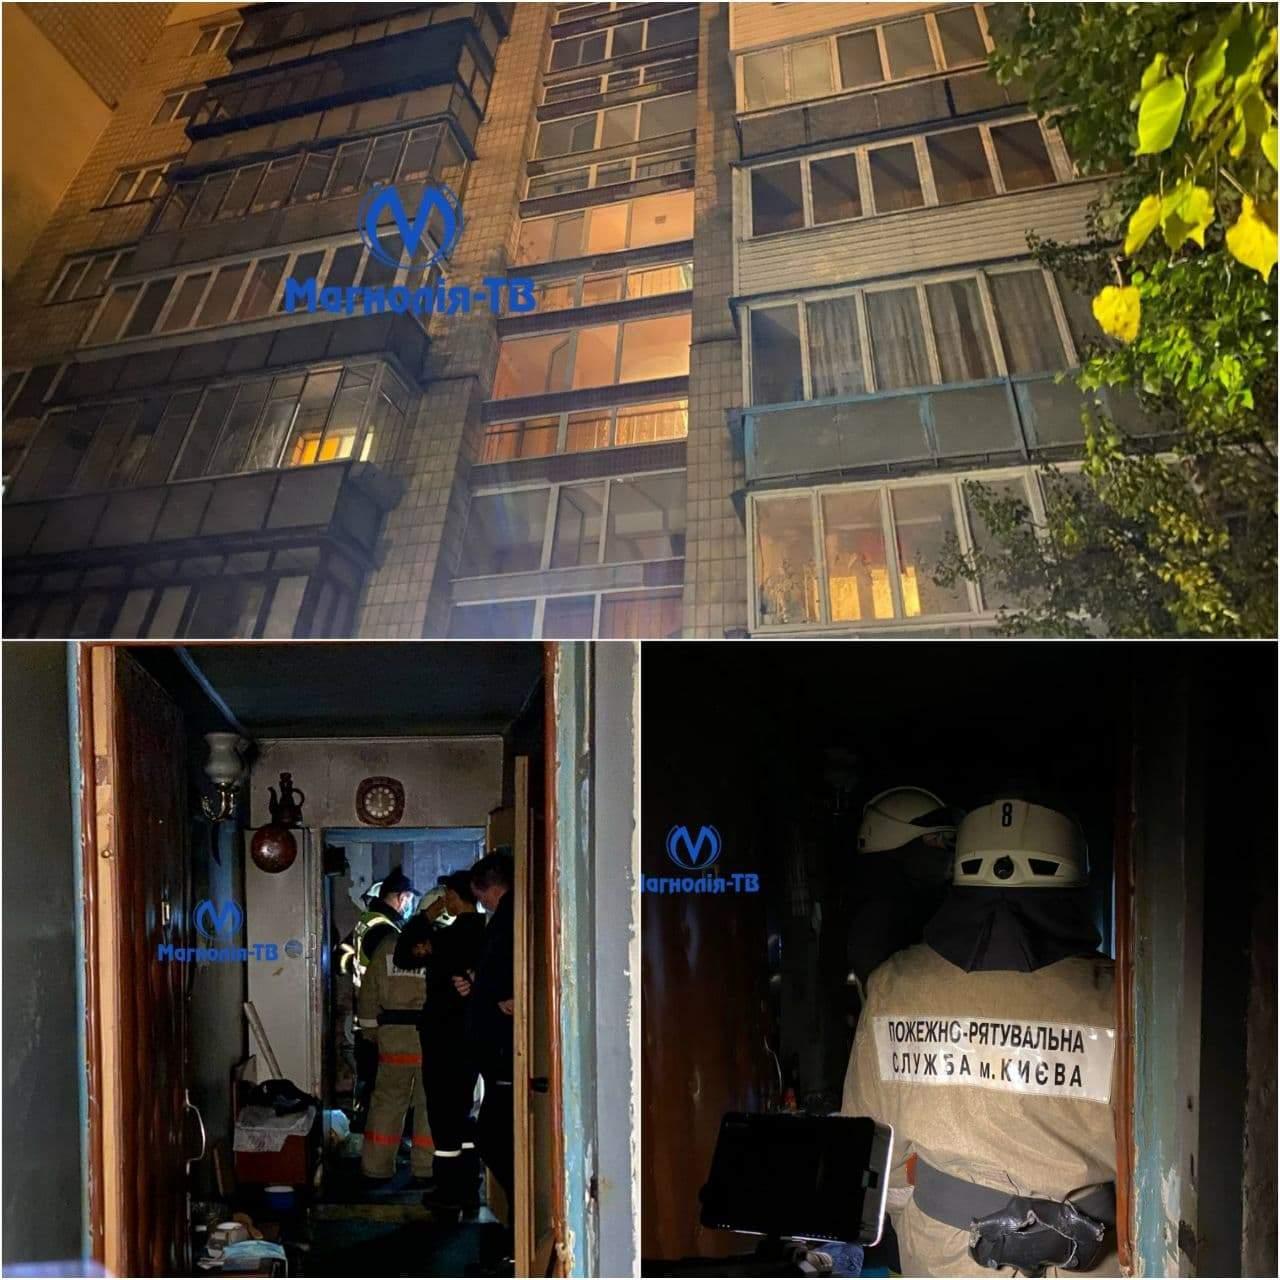 Пожежа на проспекті Науки в Києві, загинув пенсіонер, в квартирі загорілася пральна машинка